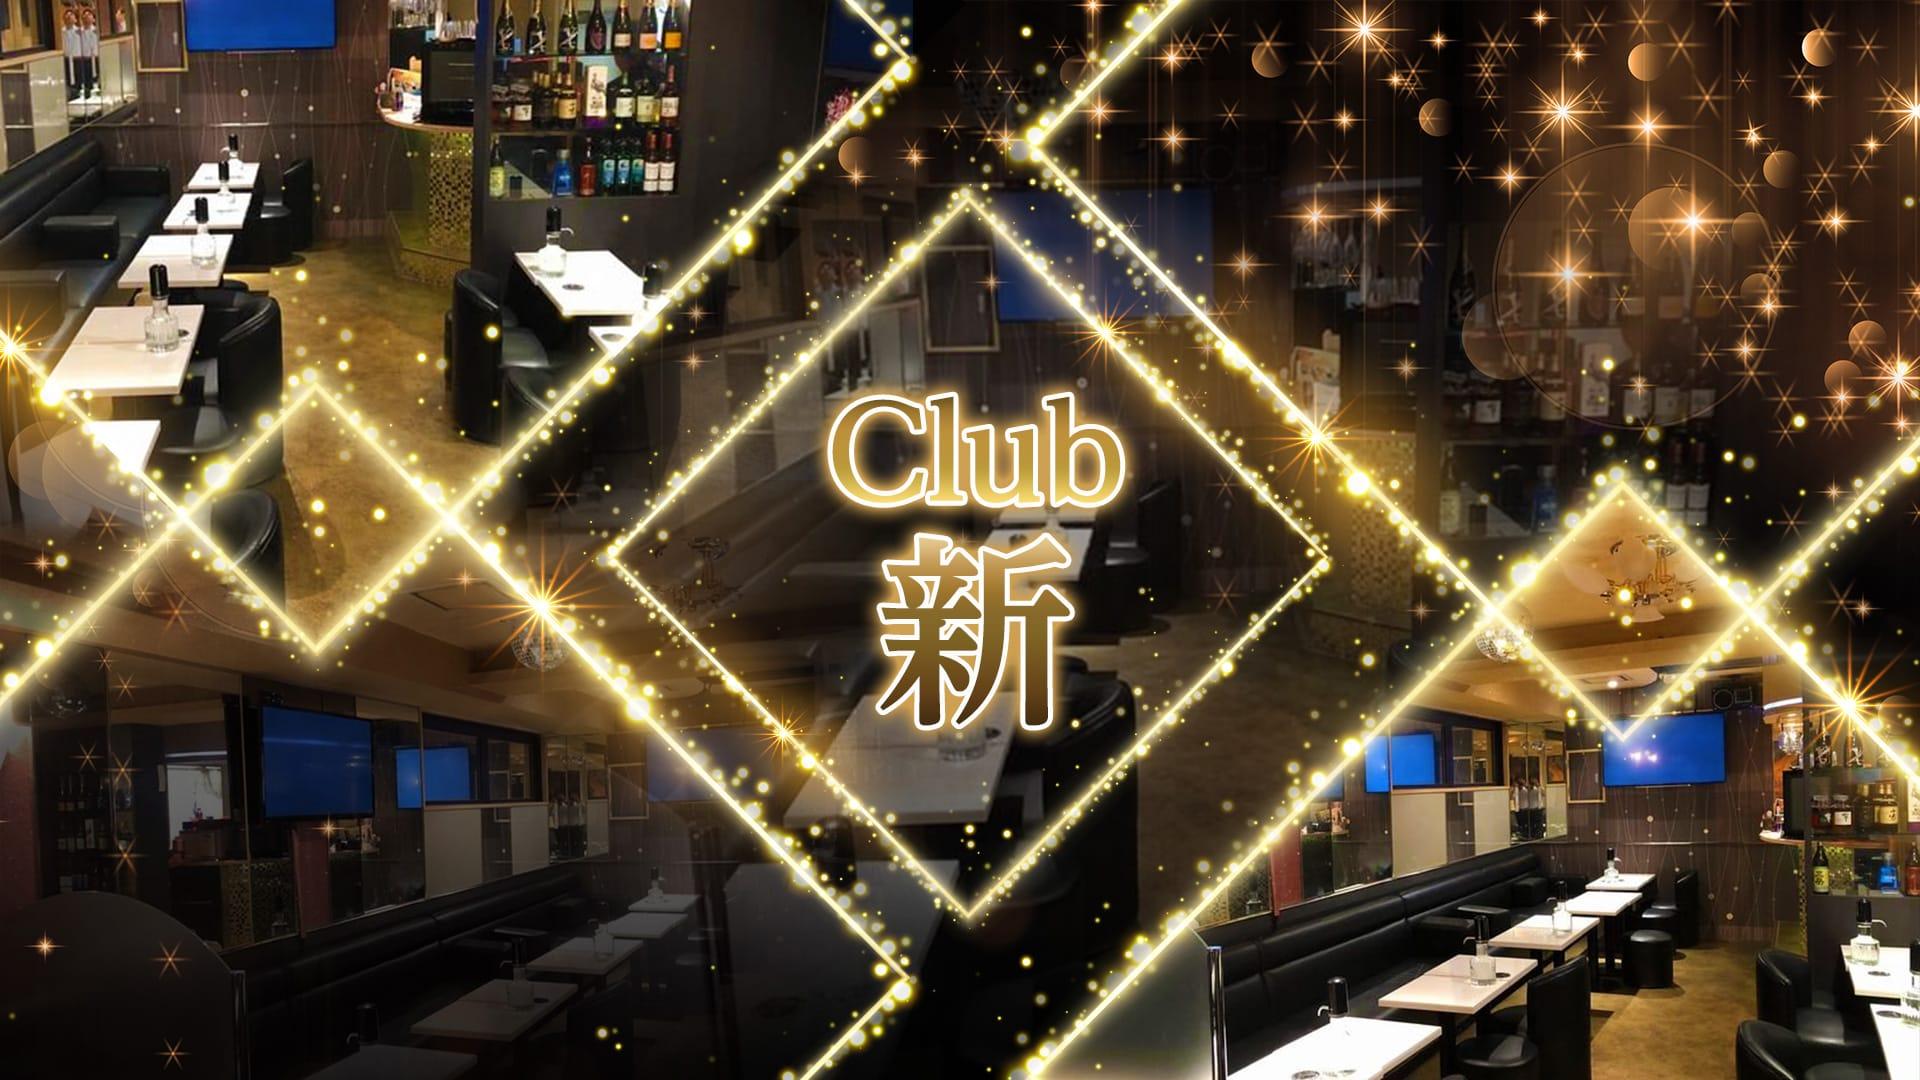 朝・昼キャバ Club 新(アラタ) 上野昼キャバ・朝キャバ TOP画像